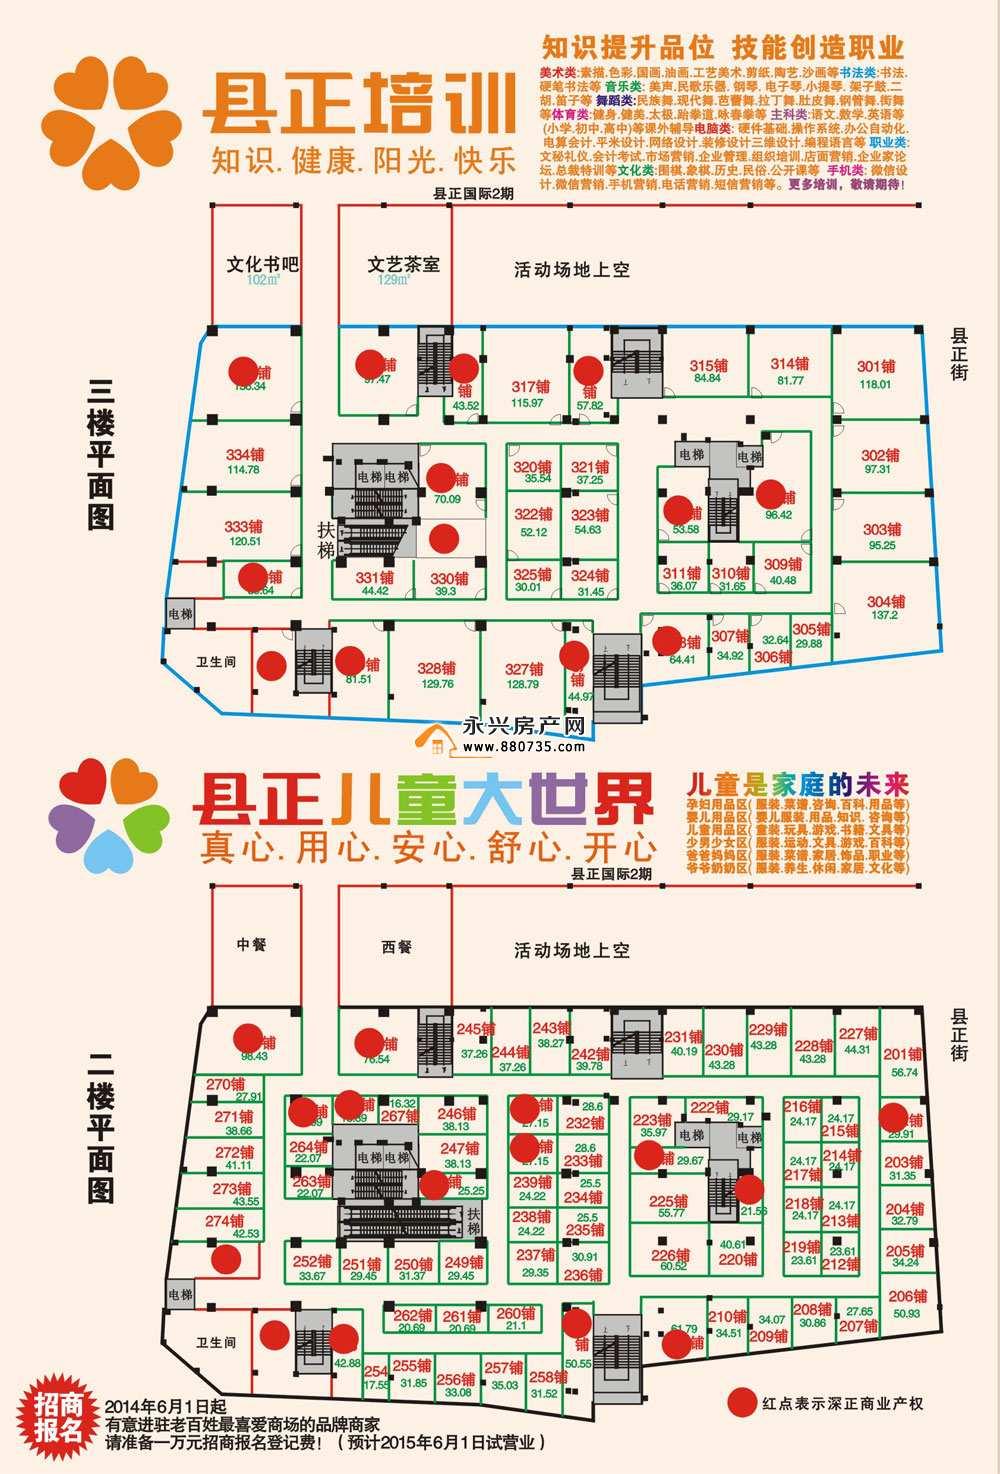 县正国际开盘商铺海报